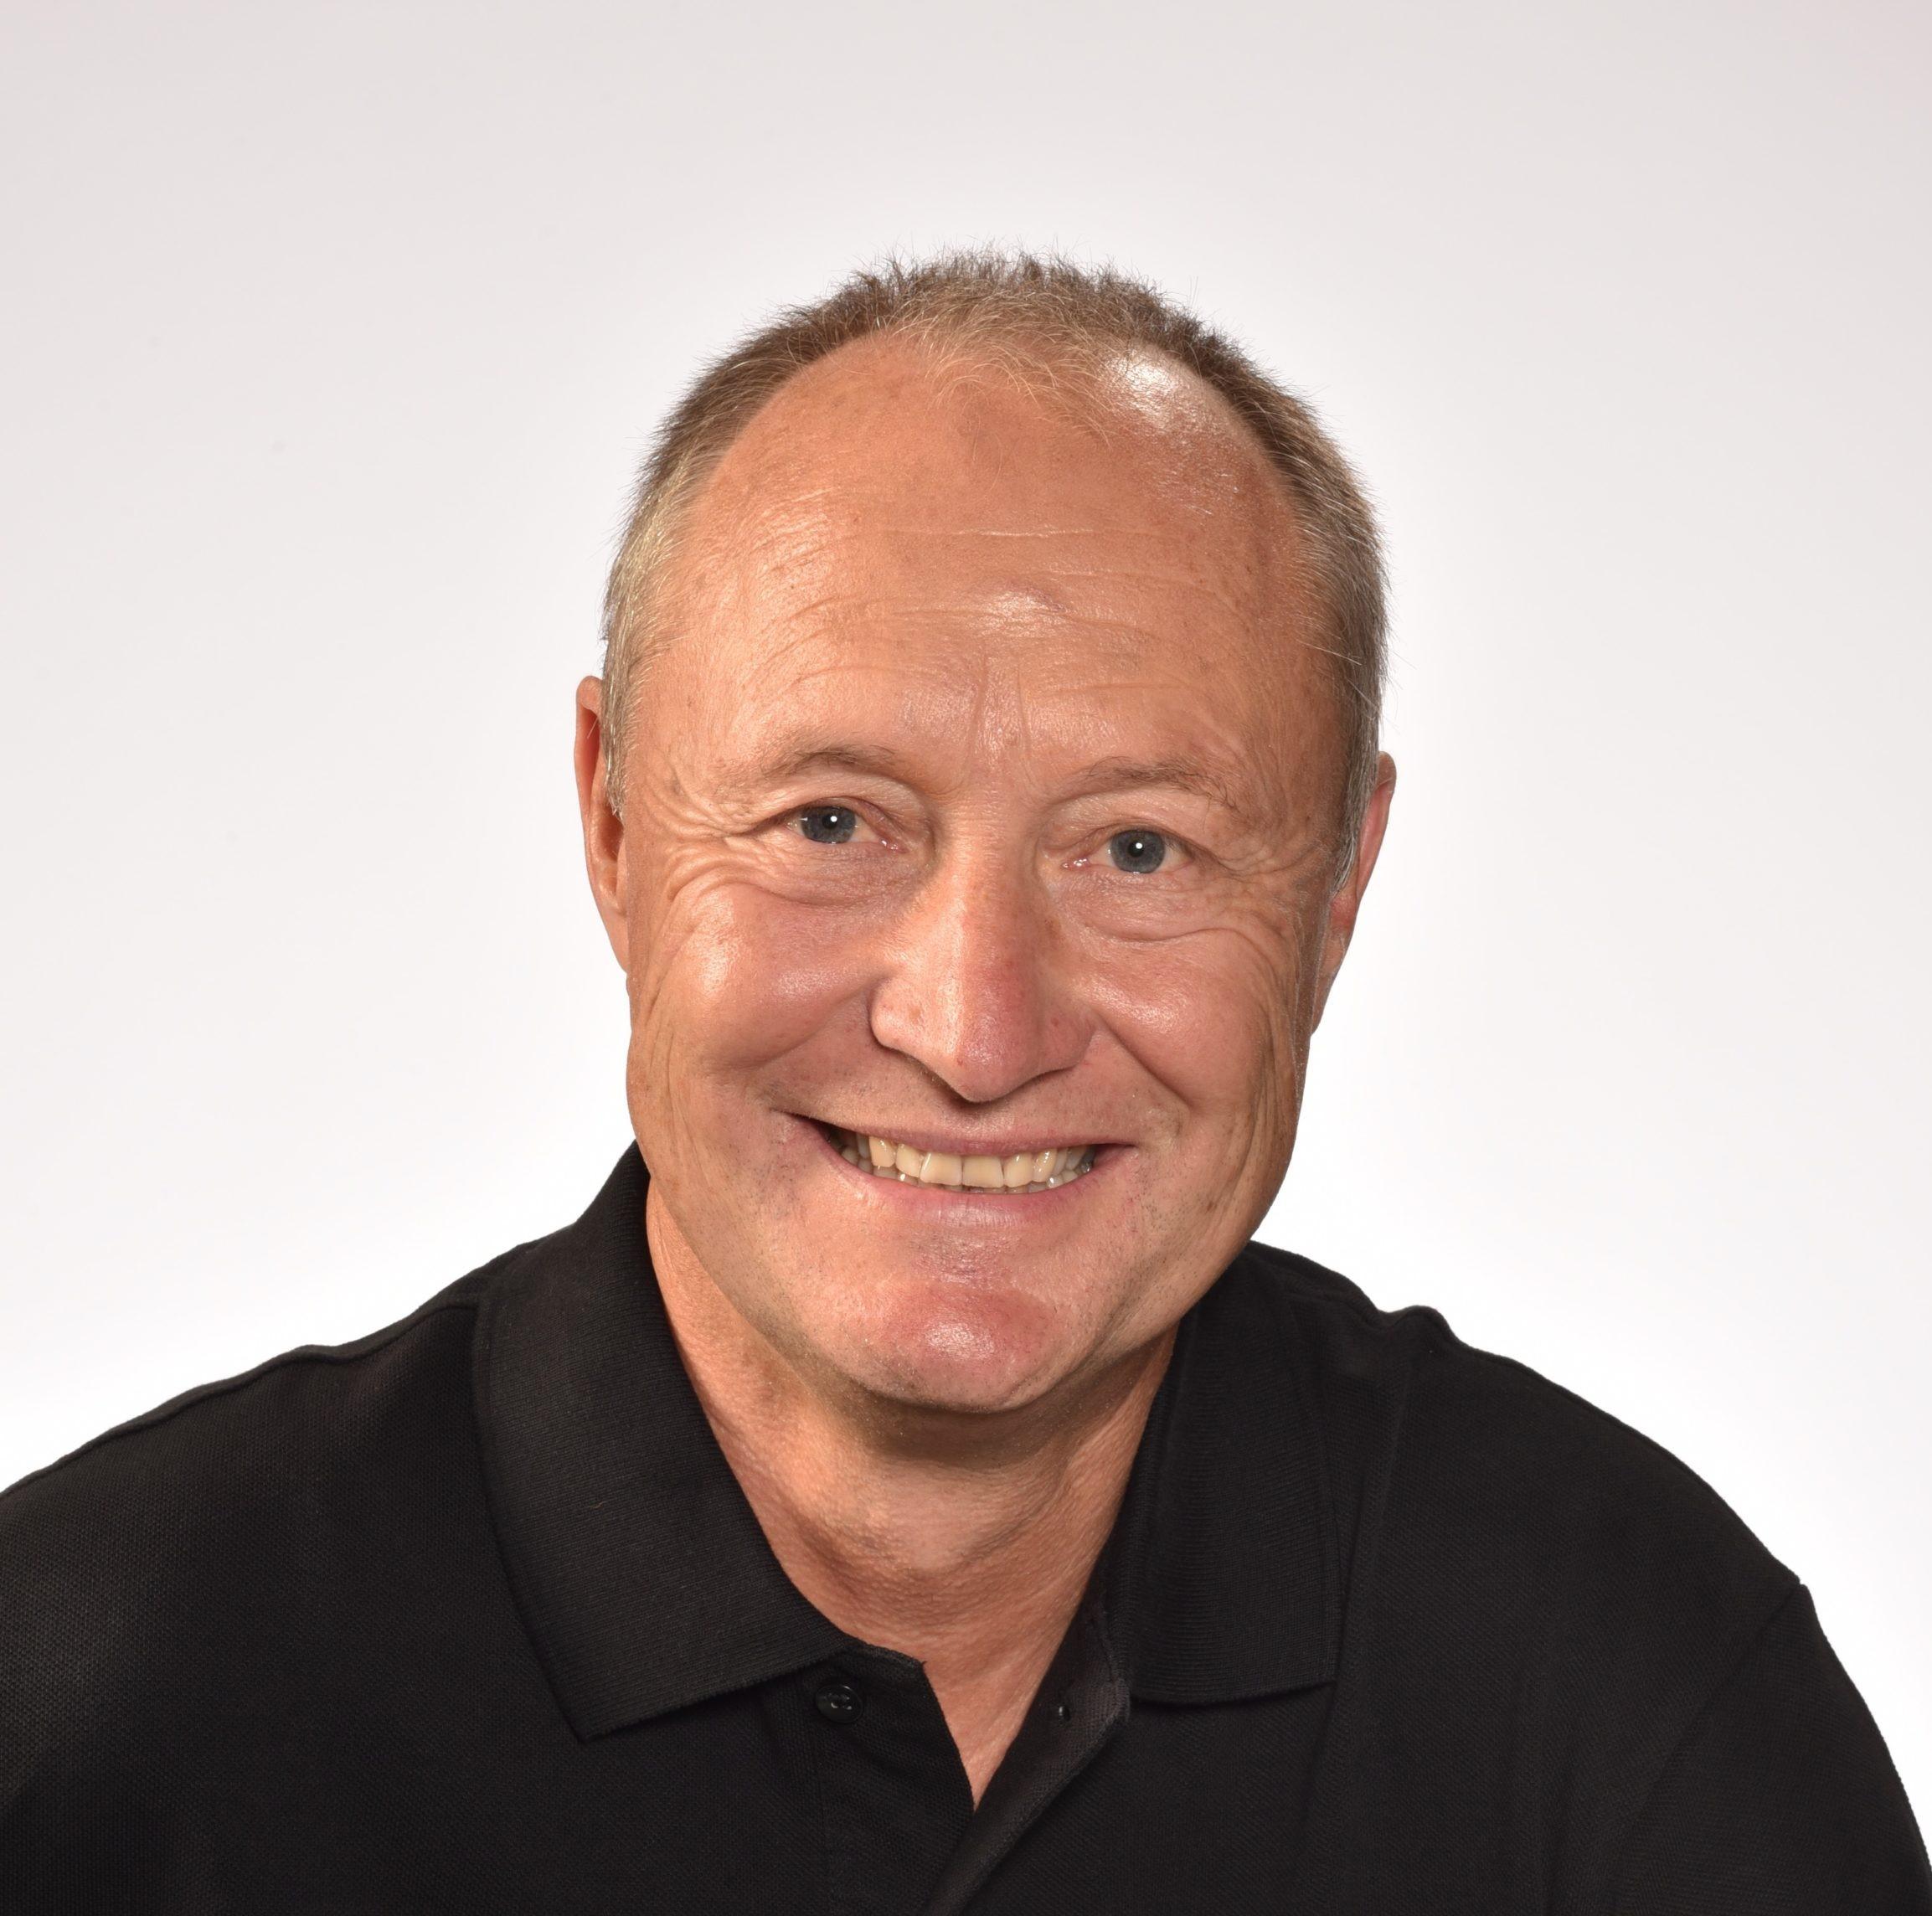 Peter Kindlimann